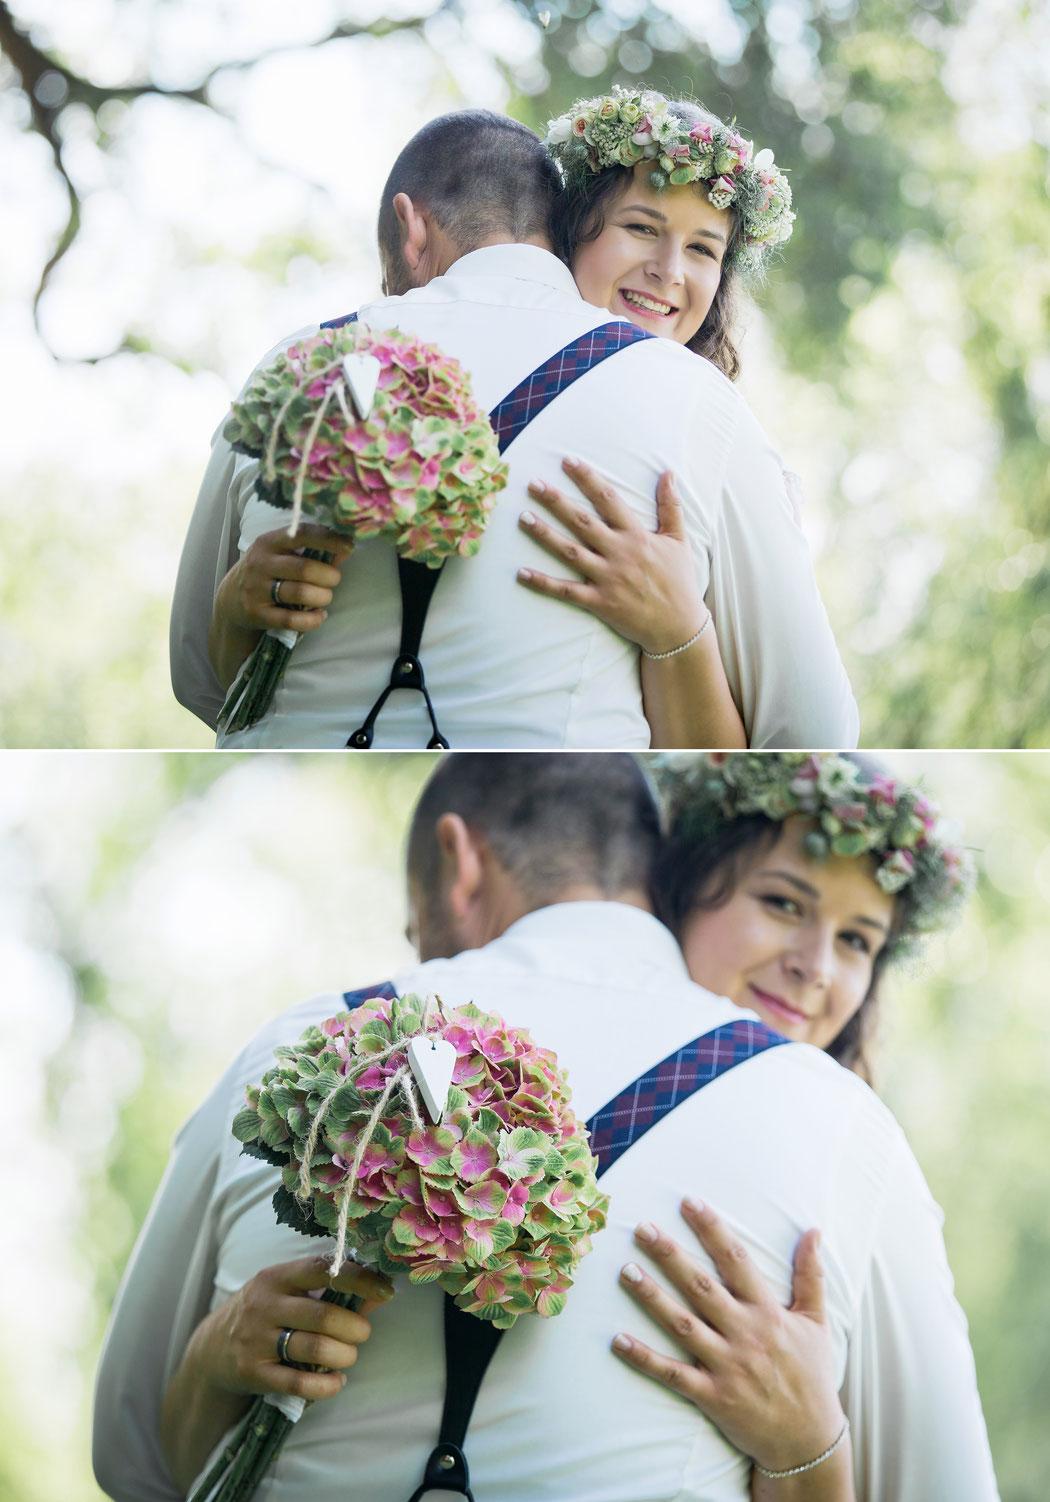 Hochzeit in der Villa Gückelsberg Flöha - Hochzeitsfotograf Villa Gückelsberg - Villa Gückelsberg heiraten - Villa Gückelsberg Hochzeit 2